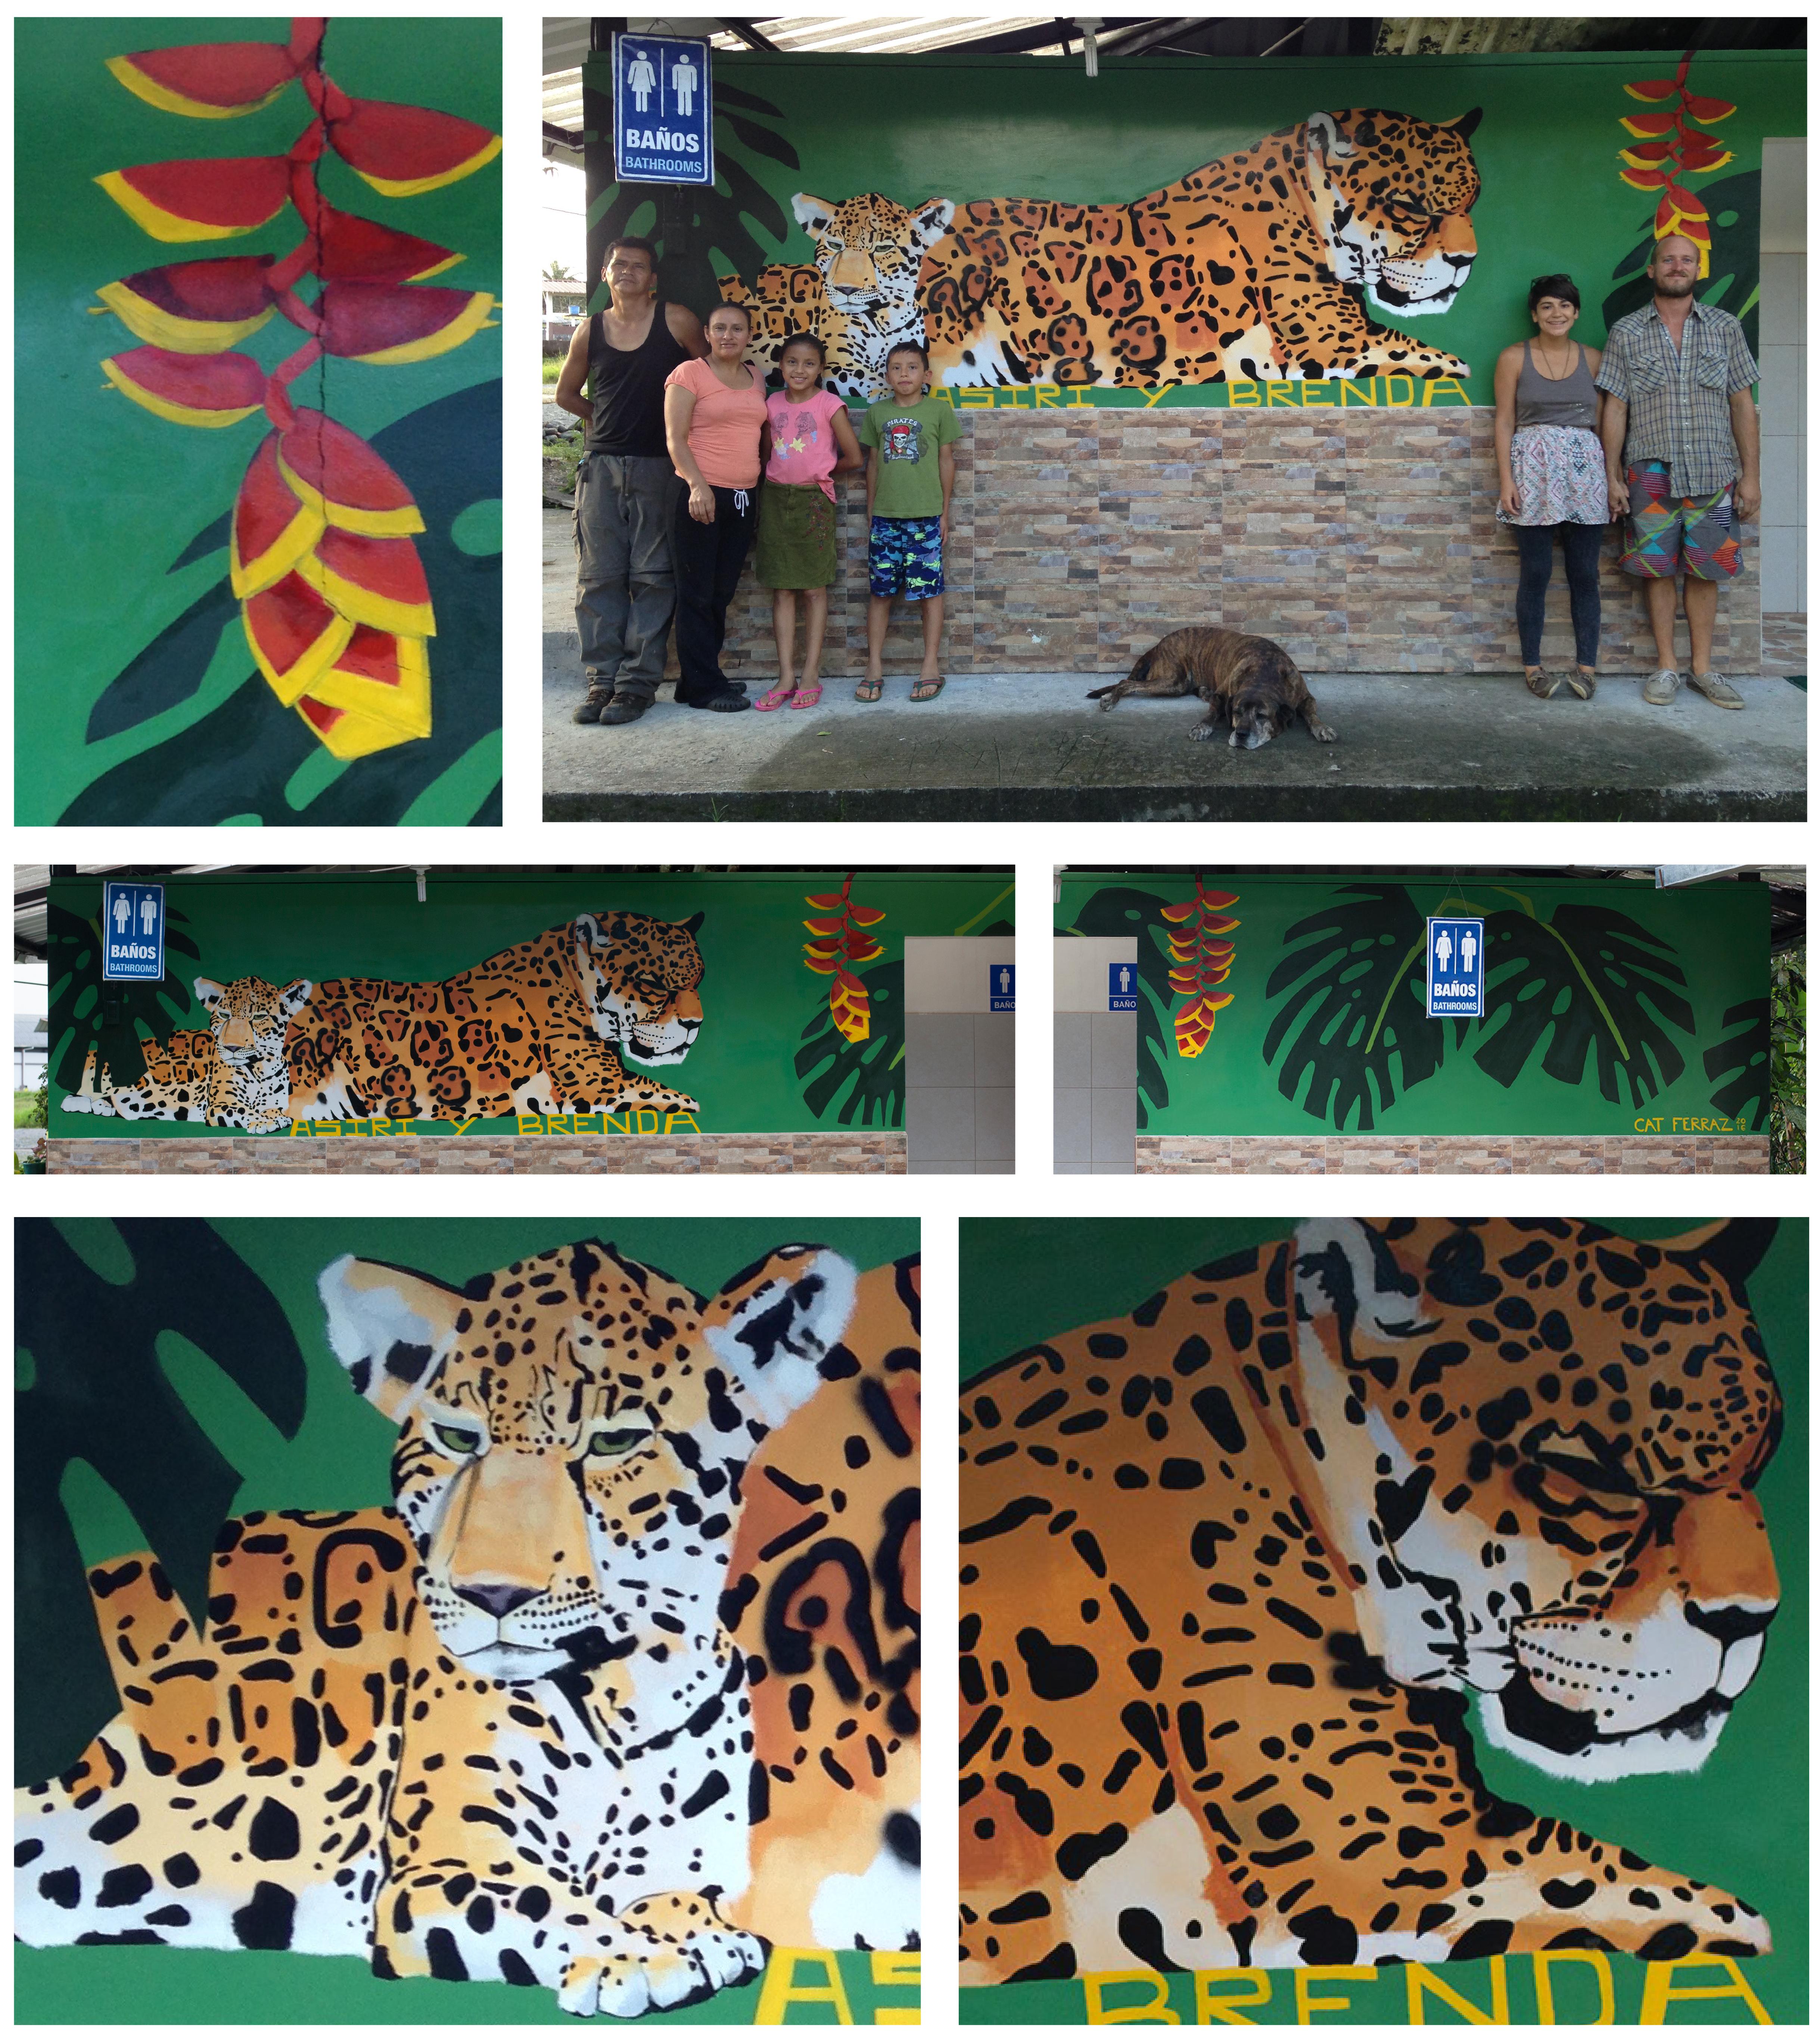 jaguar_mural-2